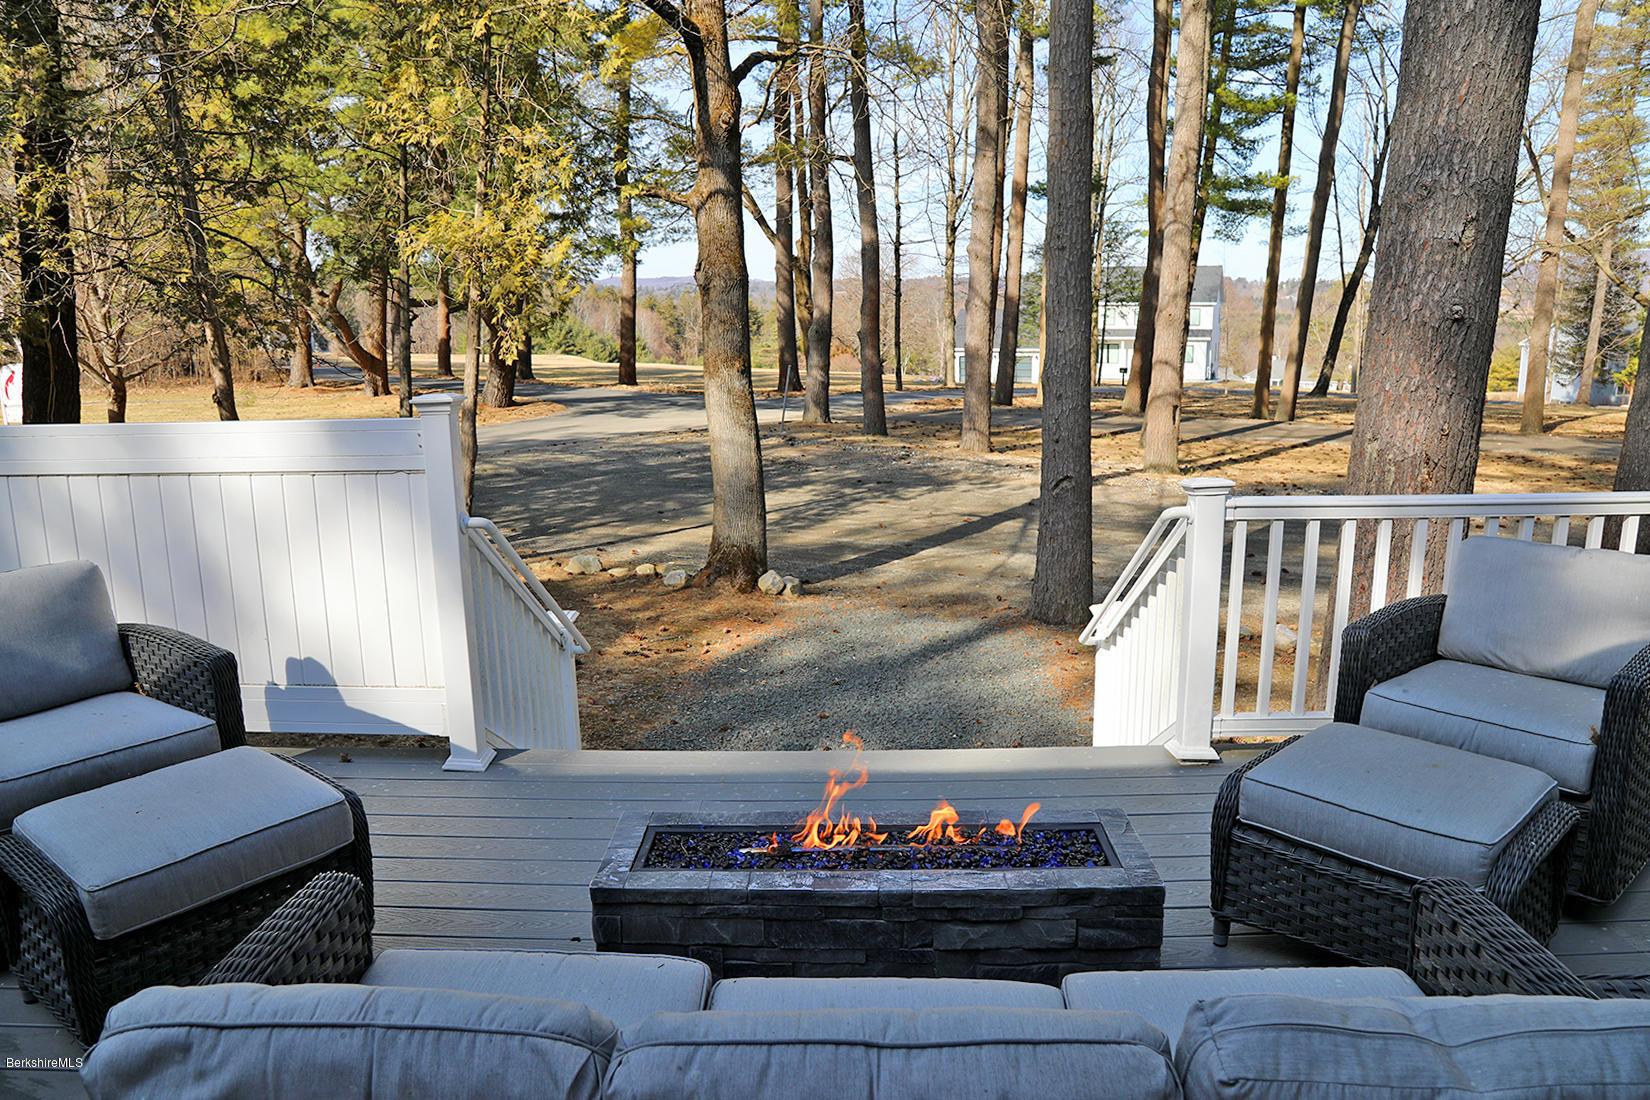 850 Summer, Lee, Massachusetts 01238, 4 Bedrooms Bedrooms, 7 Rooms Rooms,5 BathroomsBathrooms,Condominium,For Sale,Summer,230044